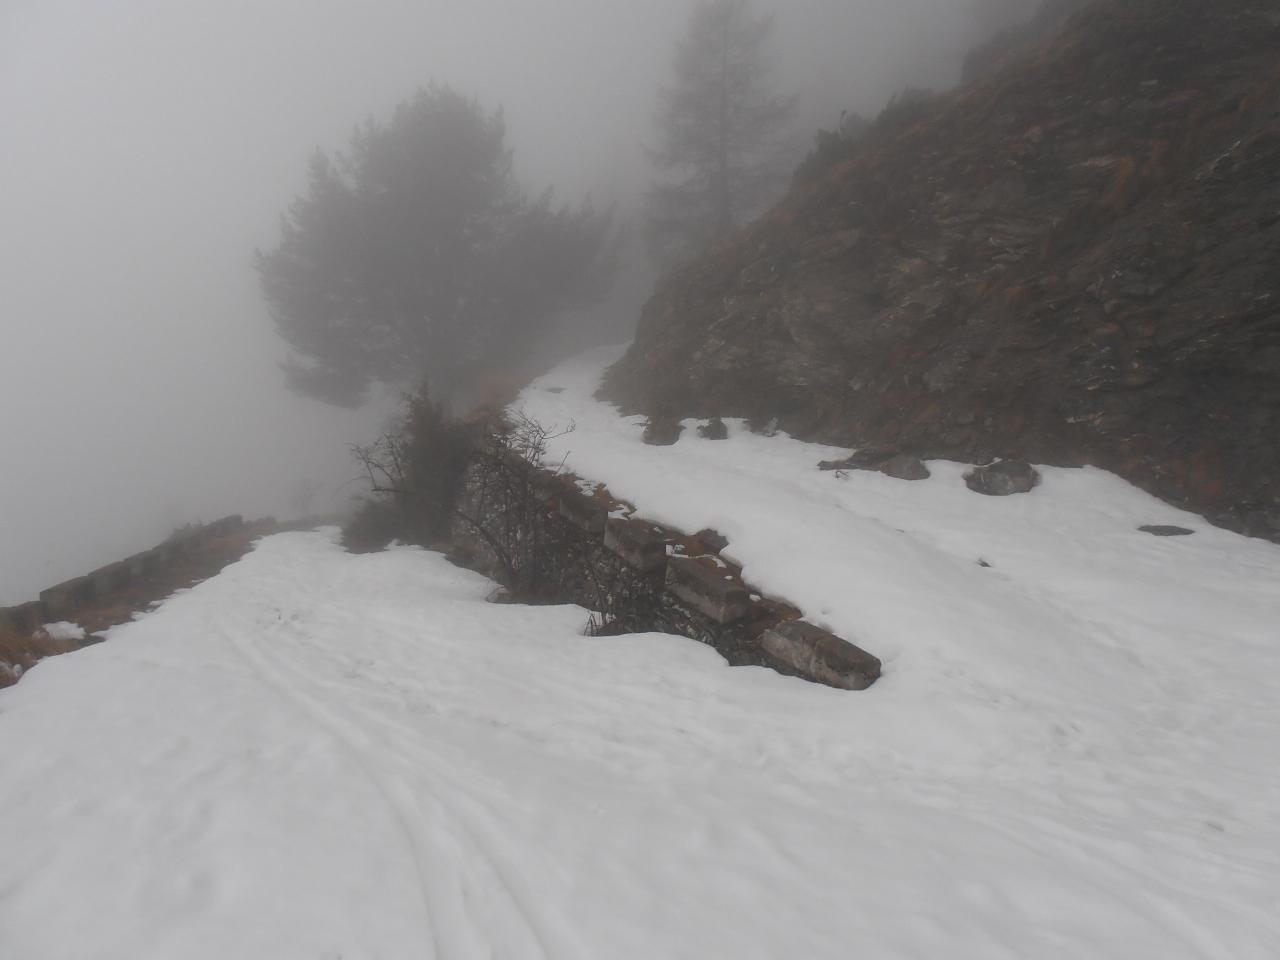 04 - salendo la stradina sul versante S costringe ad alcuni gava-buta